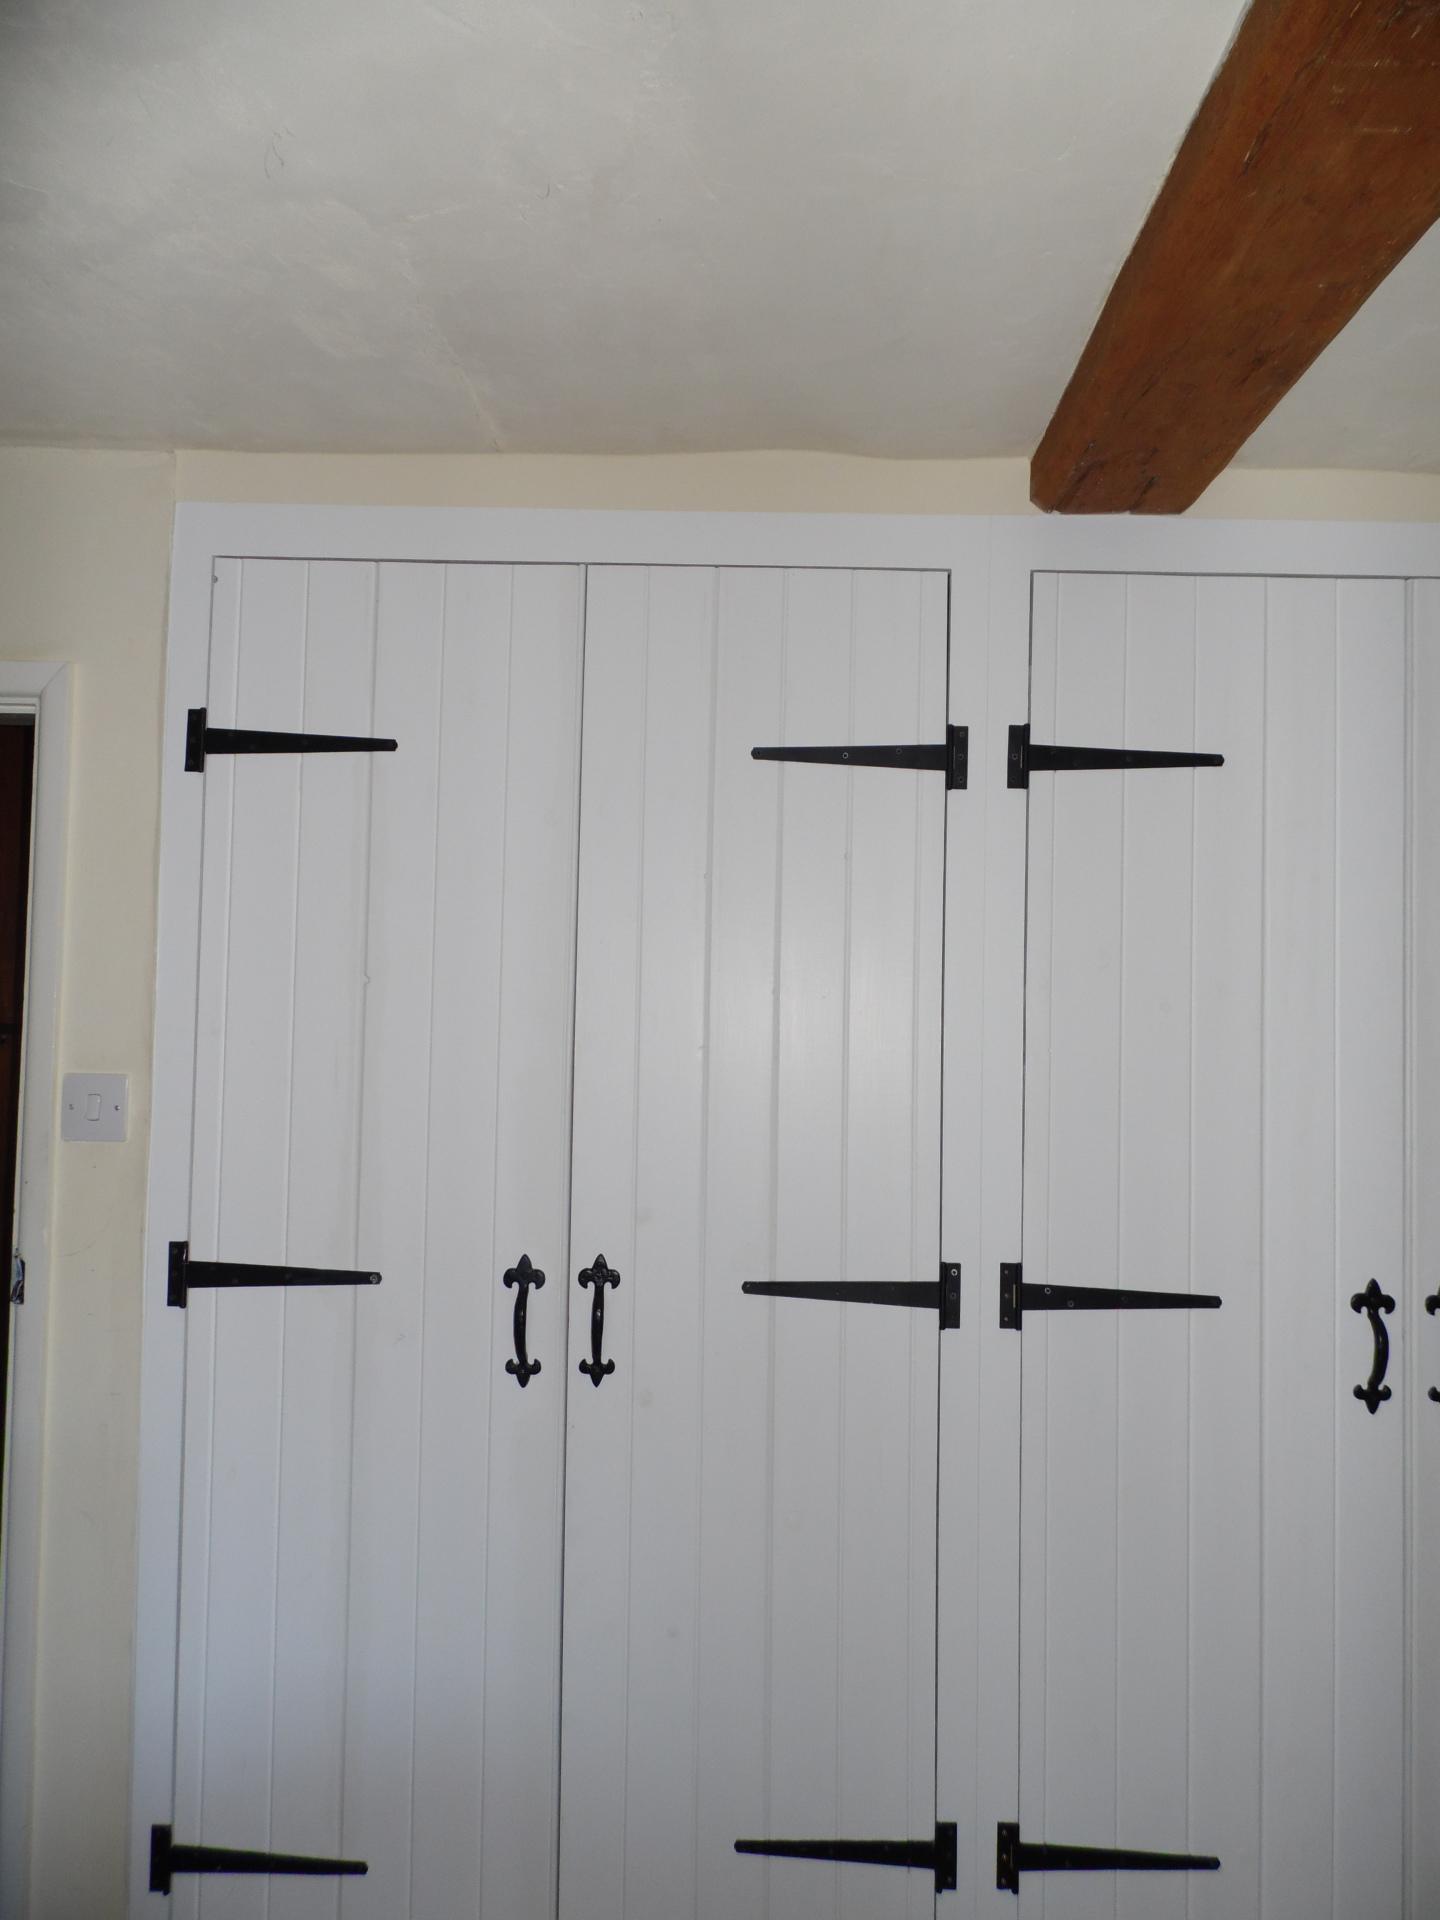 Wardrobe doors.